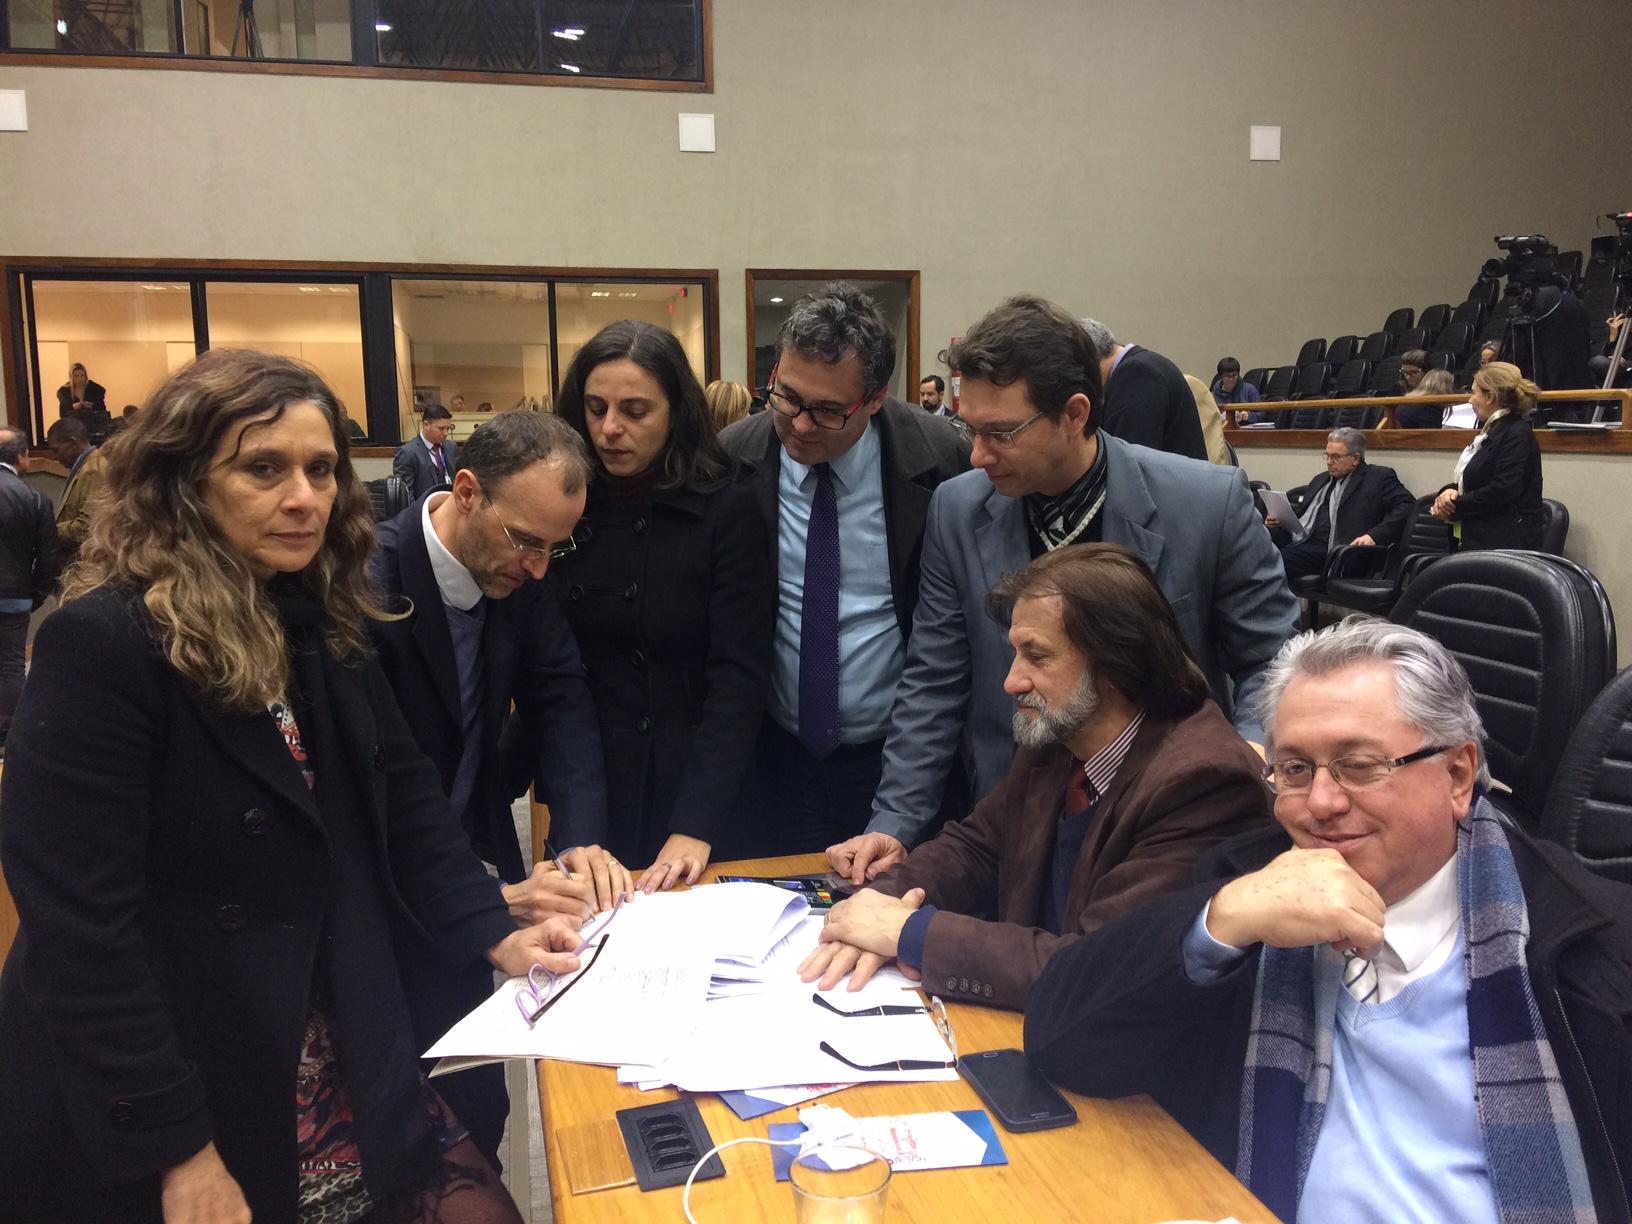 Vereadora Fernanda Melchionna propõe CPI para investigação de irregularidades na FASC